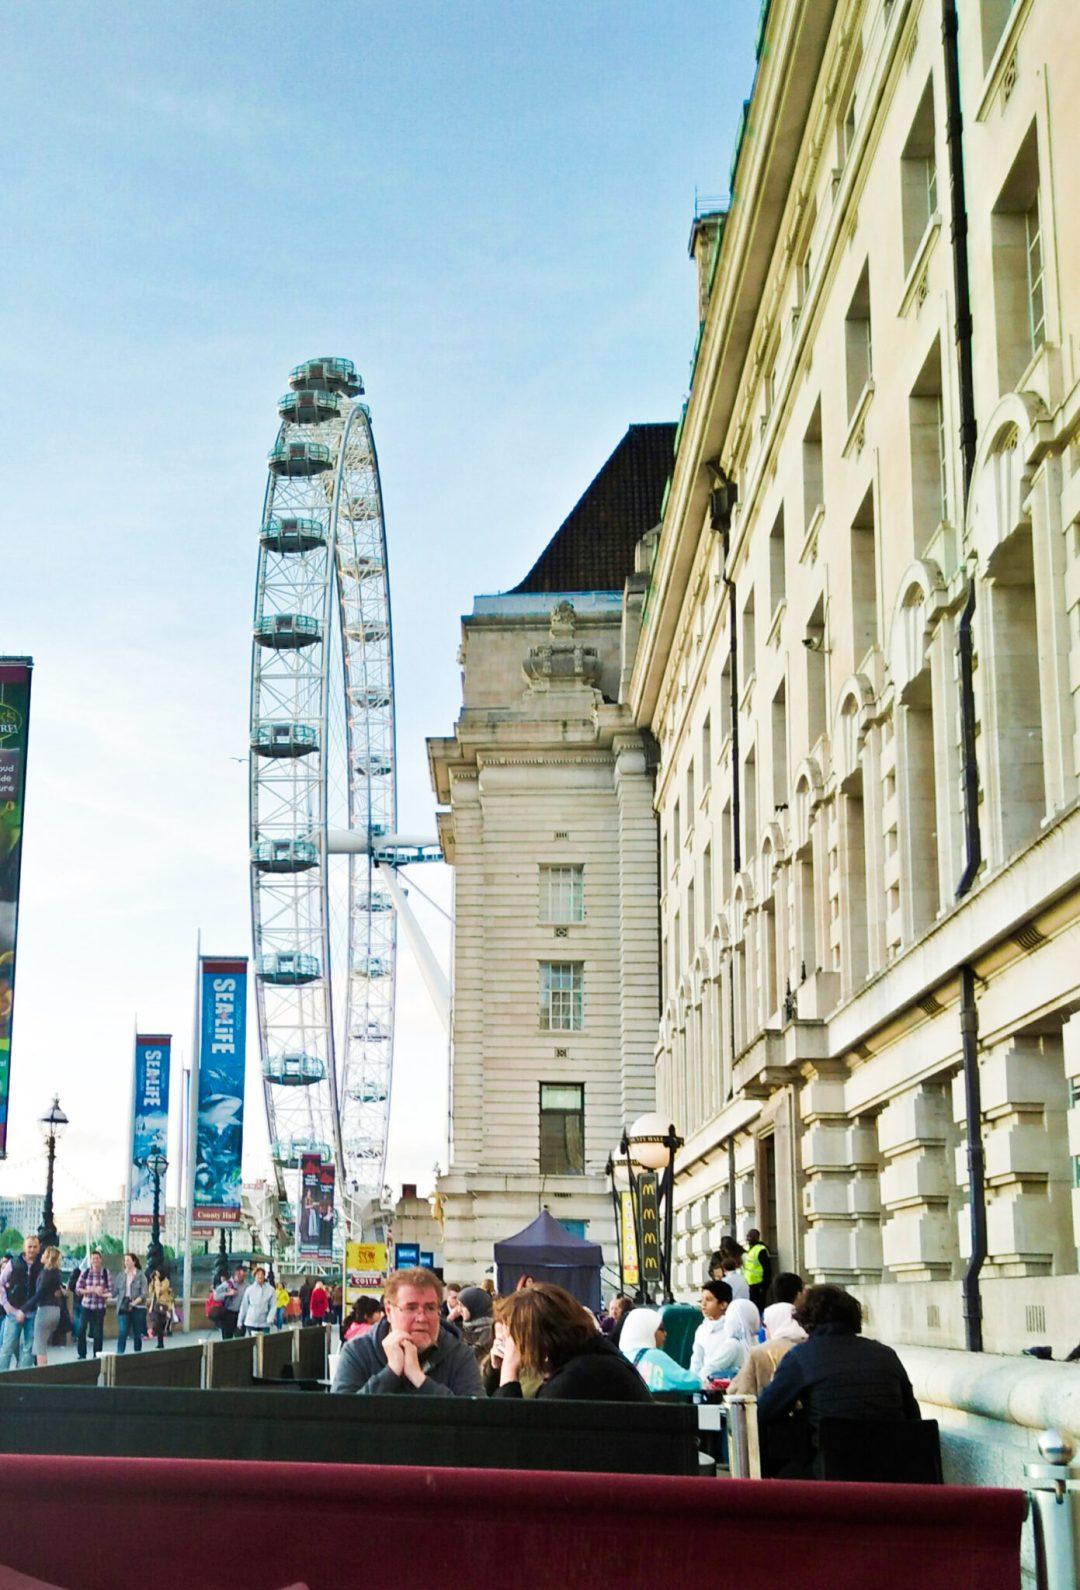 Taking a break near The London Eye